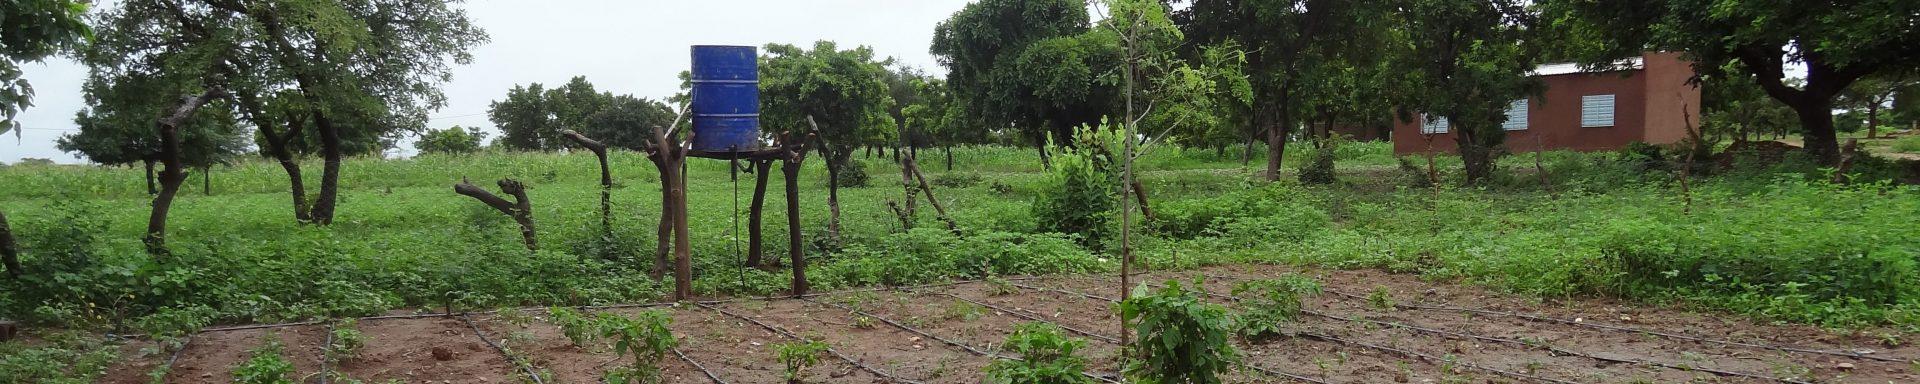 Een verlaten moestuin in Burkina Faso.